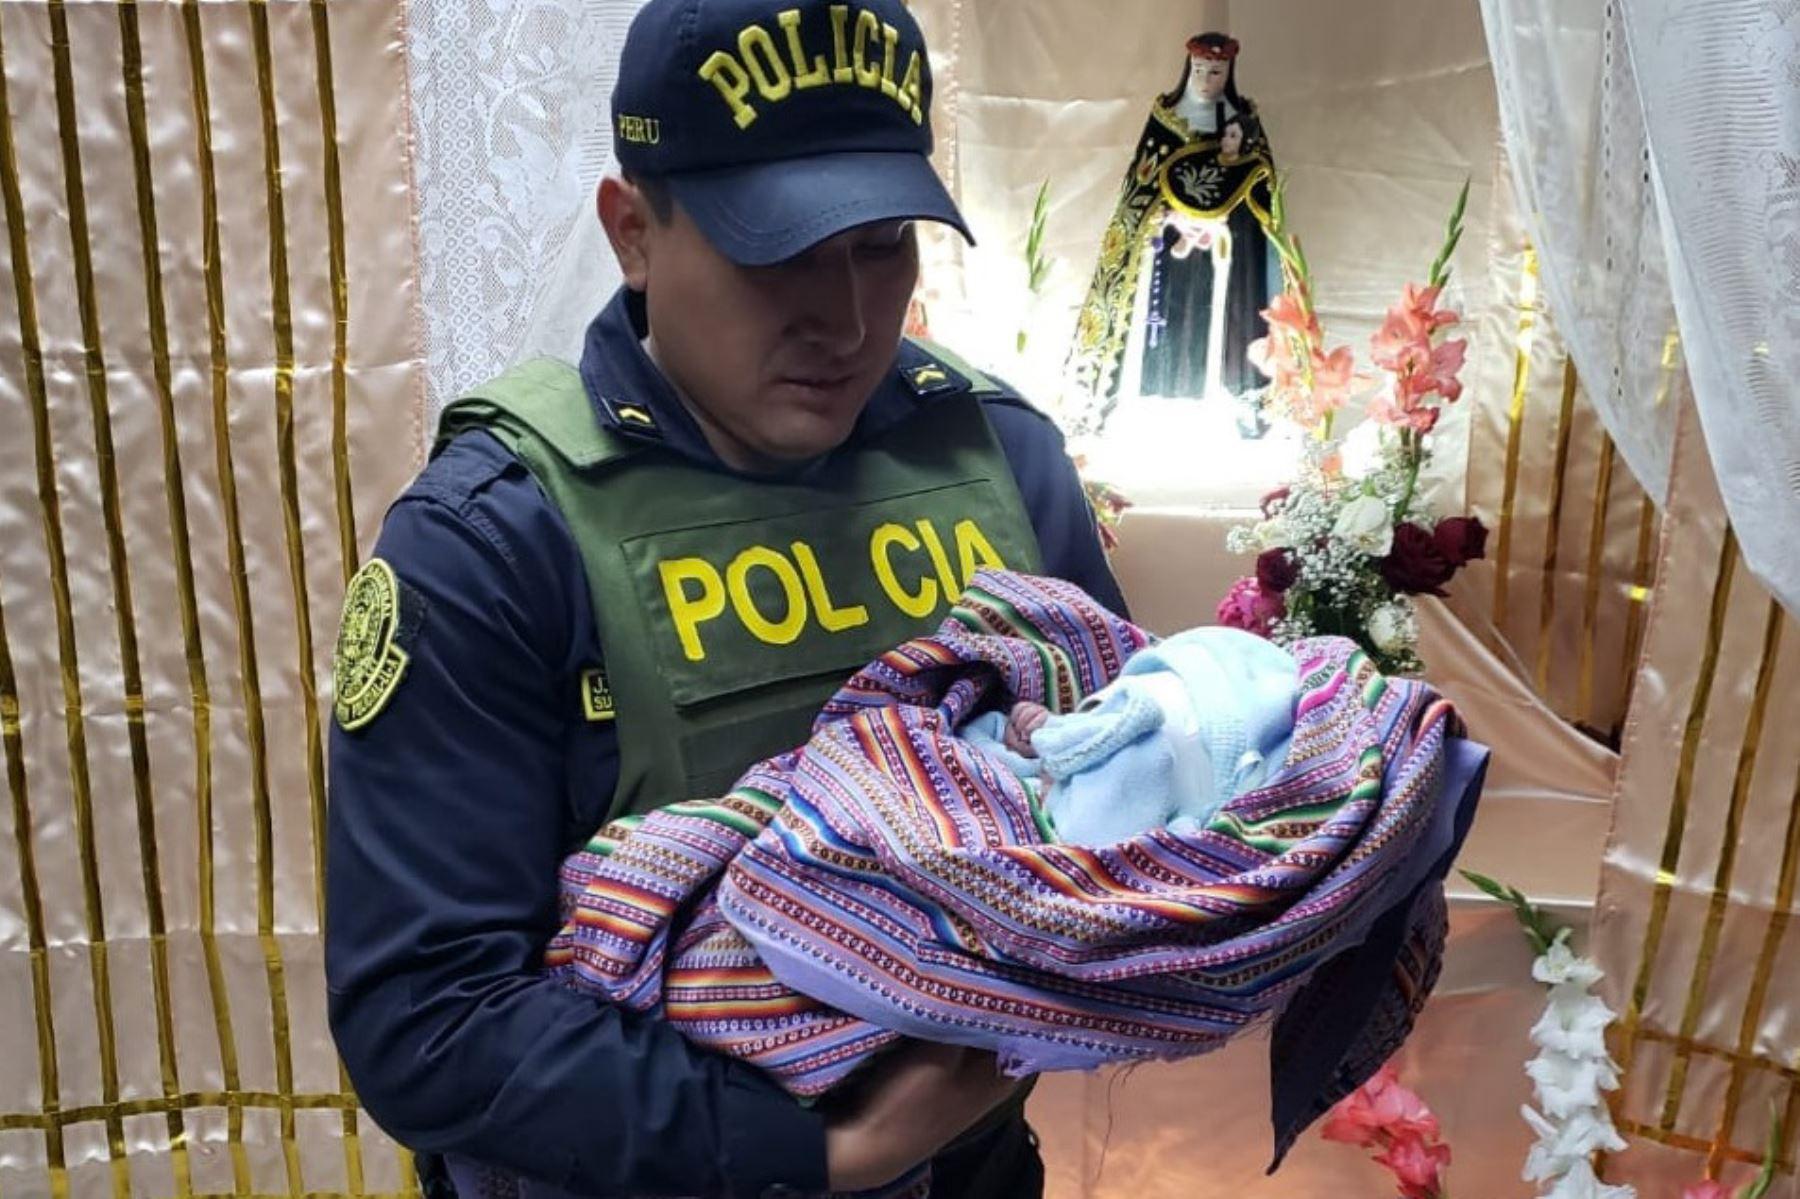 Policías rescataron a un bebé que fue abandonado en la puerta de la iglesia Cristo Rey del centro poblado de Monterry, en la provincia de Huaraz (Áncash).